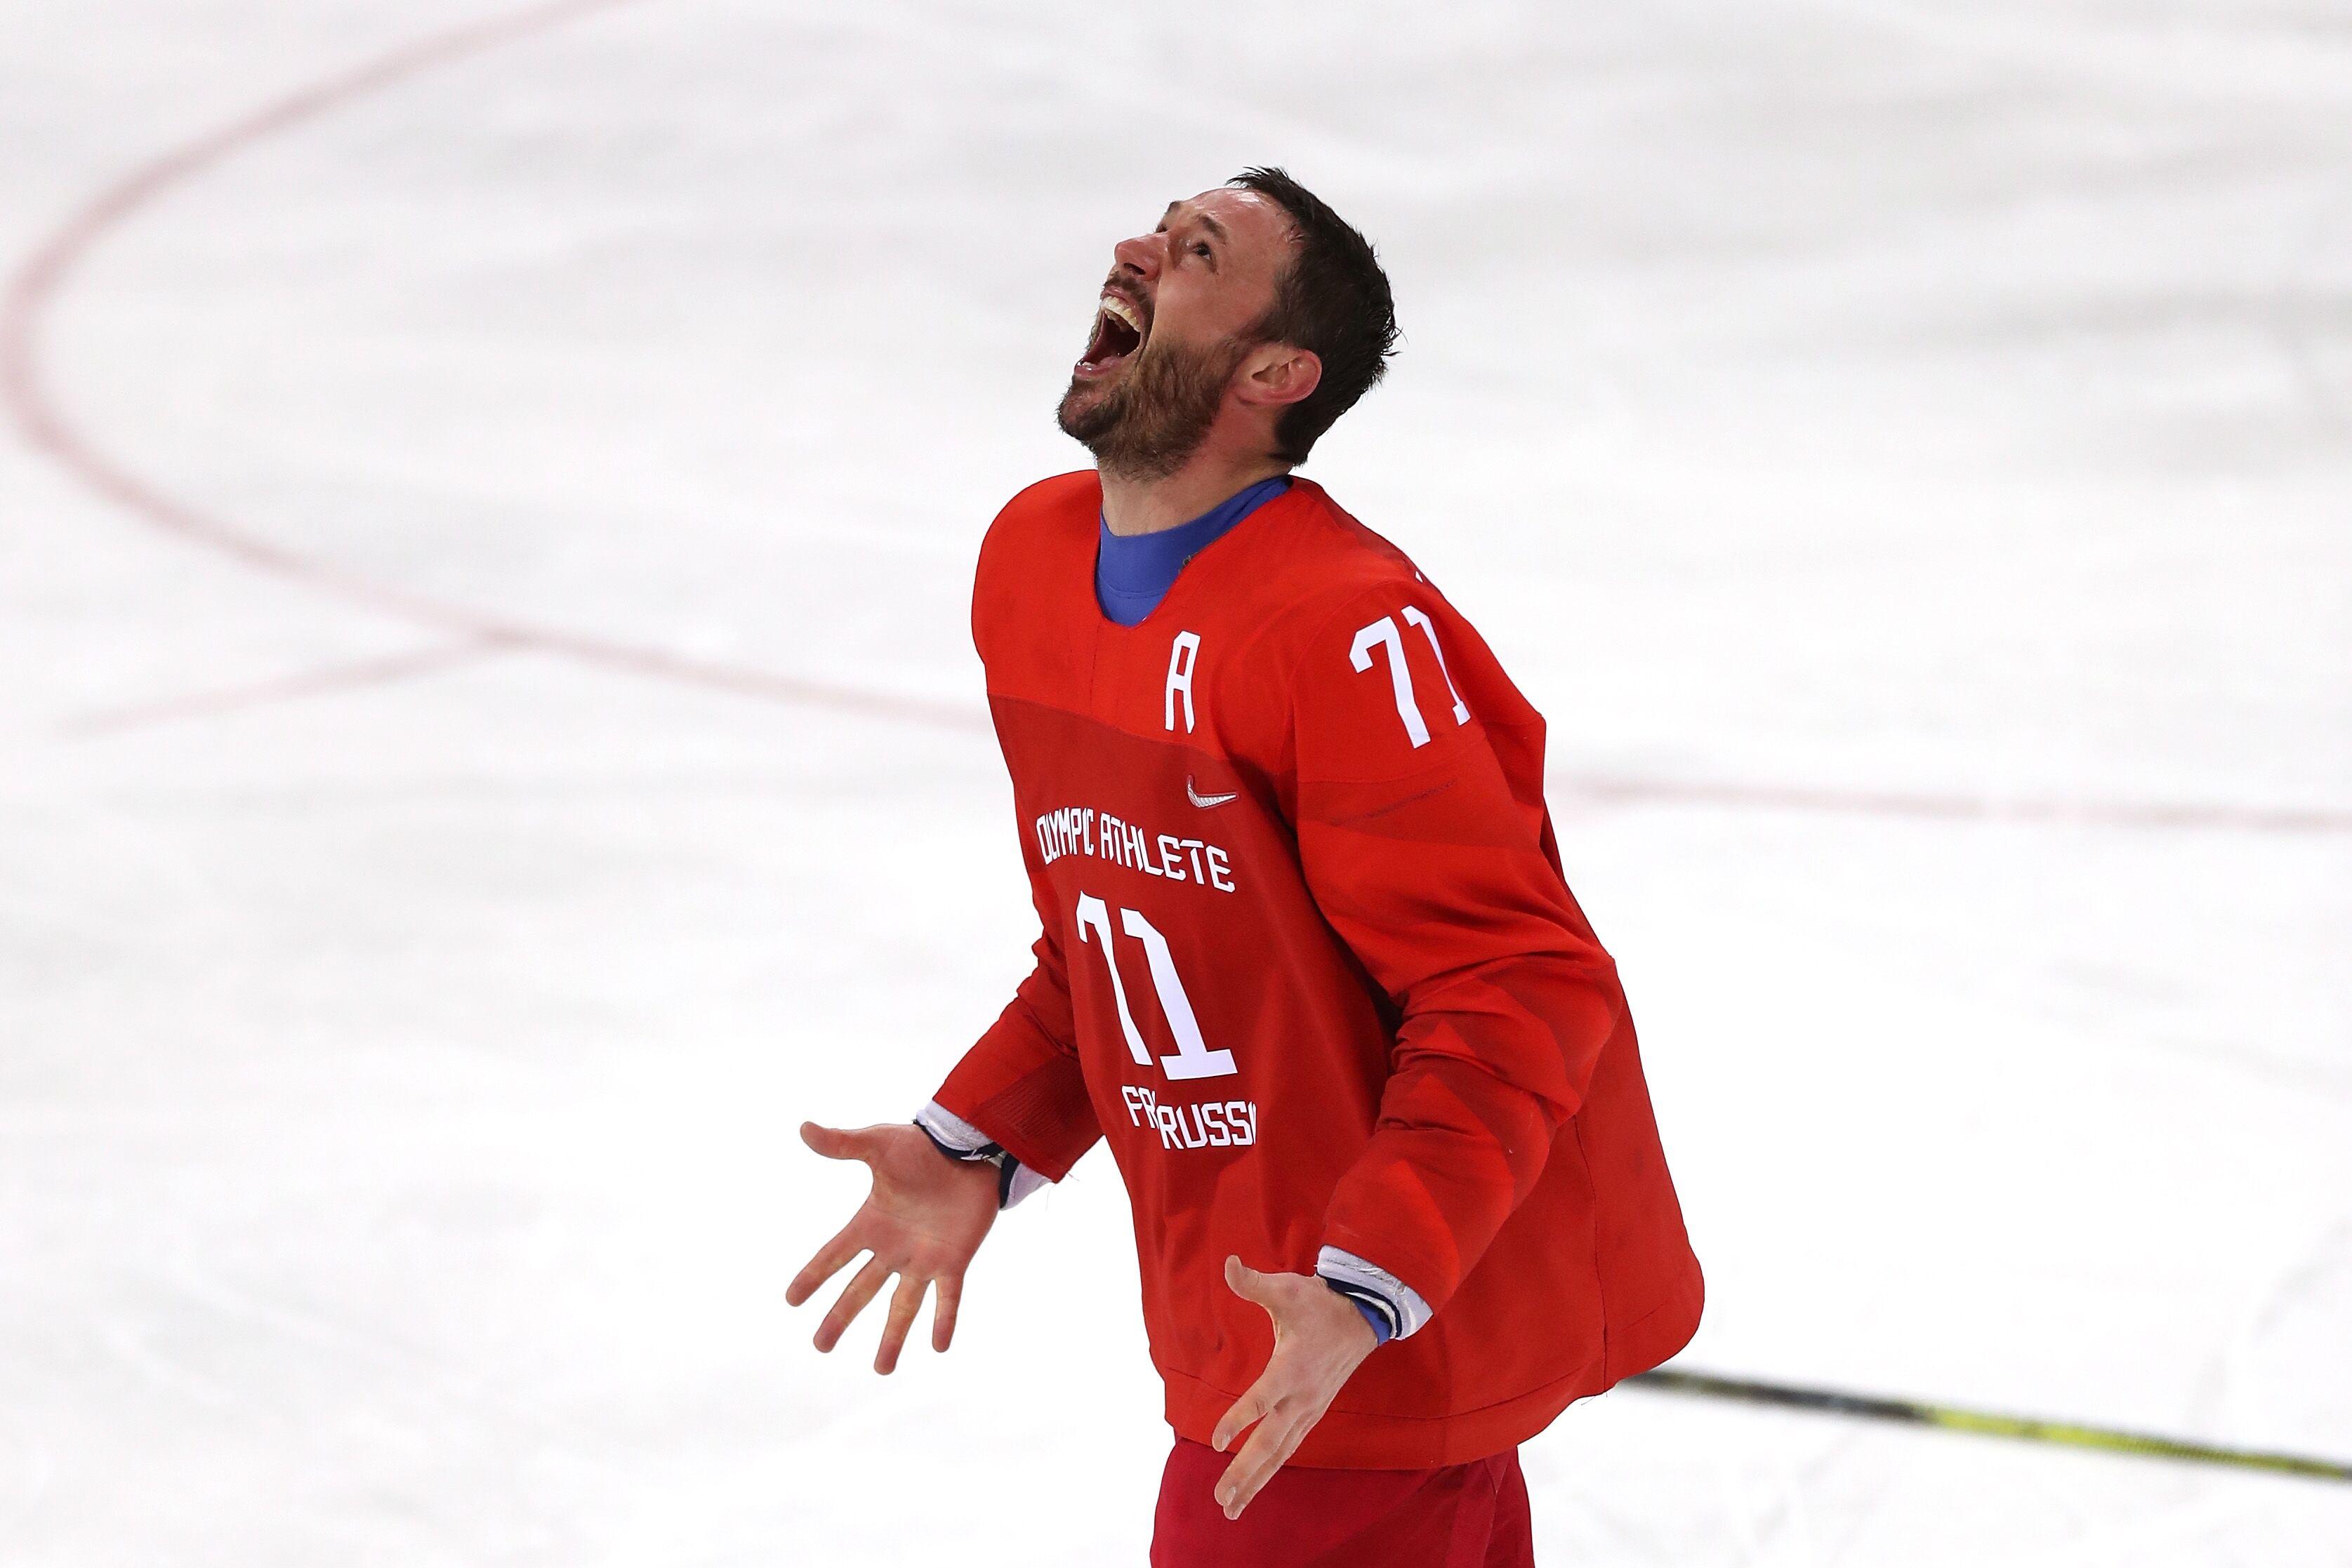 923972332-ice-hockey-winter-olympics-day-16.jpg